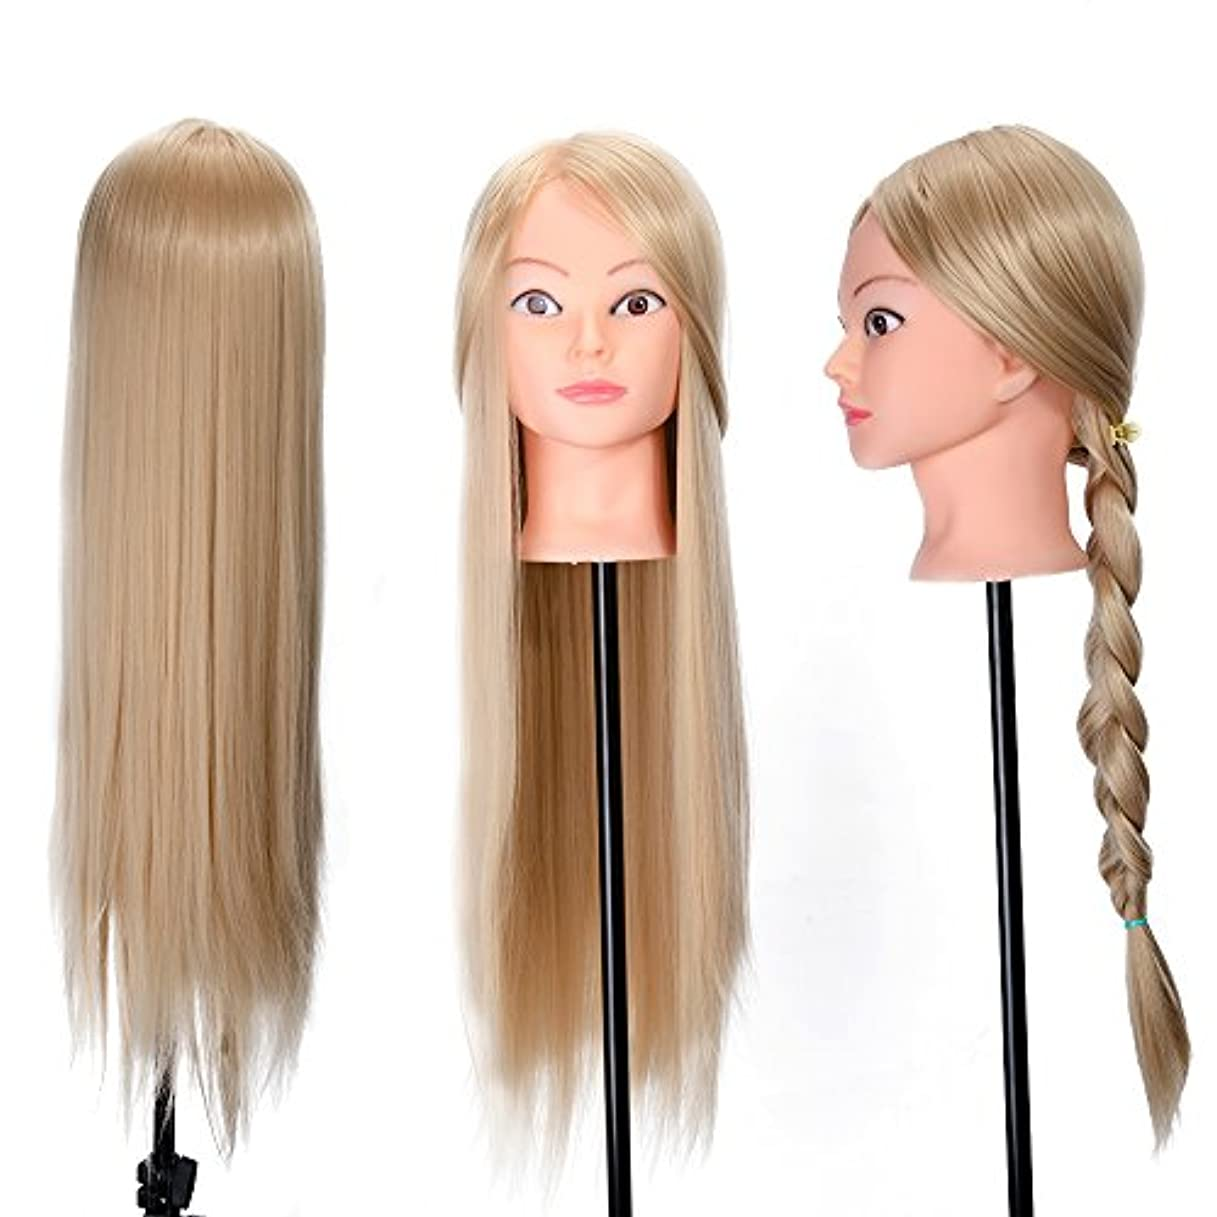 チャンピオン謝罪する銛26インチトレーニングヘッドヘア編組モデルヘアスタイル人形でテーブルクランプサロンスタイリングデザインマネキンダミーヘッド